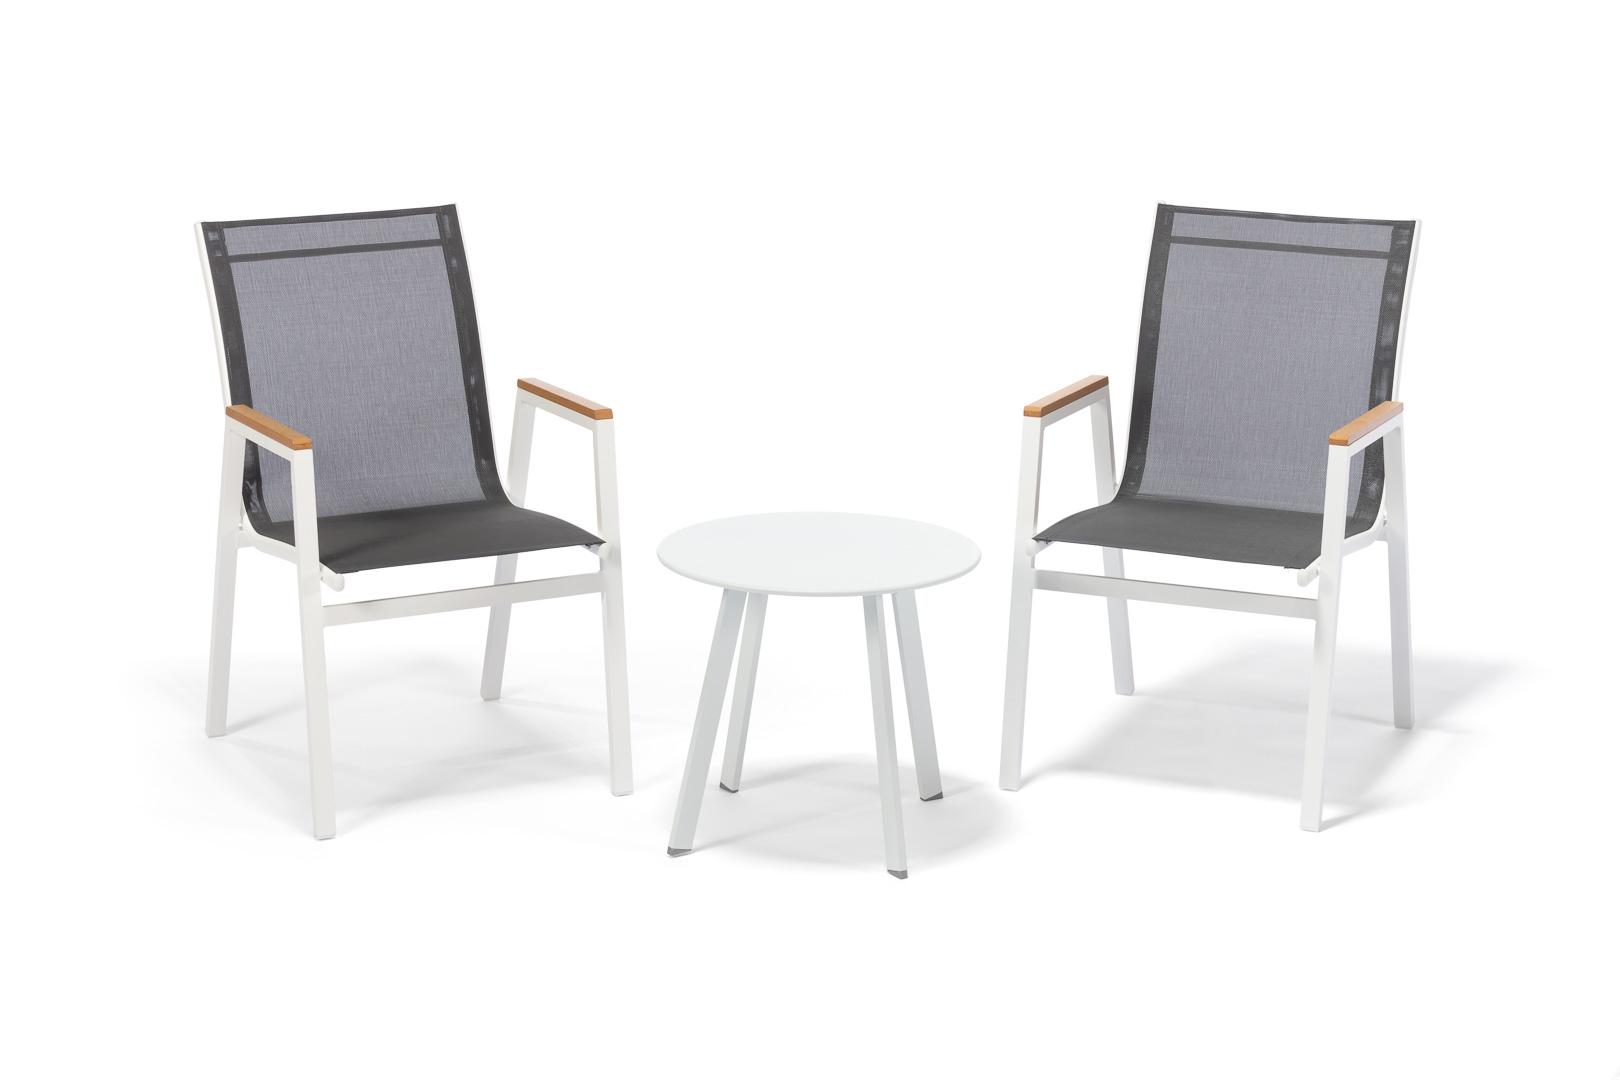 e67544df9 Balkonovka: Nízký stolek bílý + 2x židle MILANO, cena za set